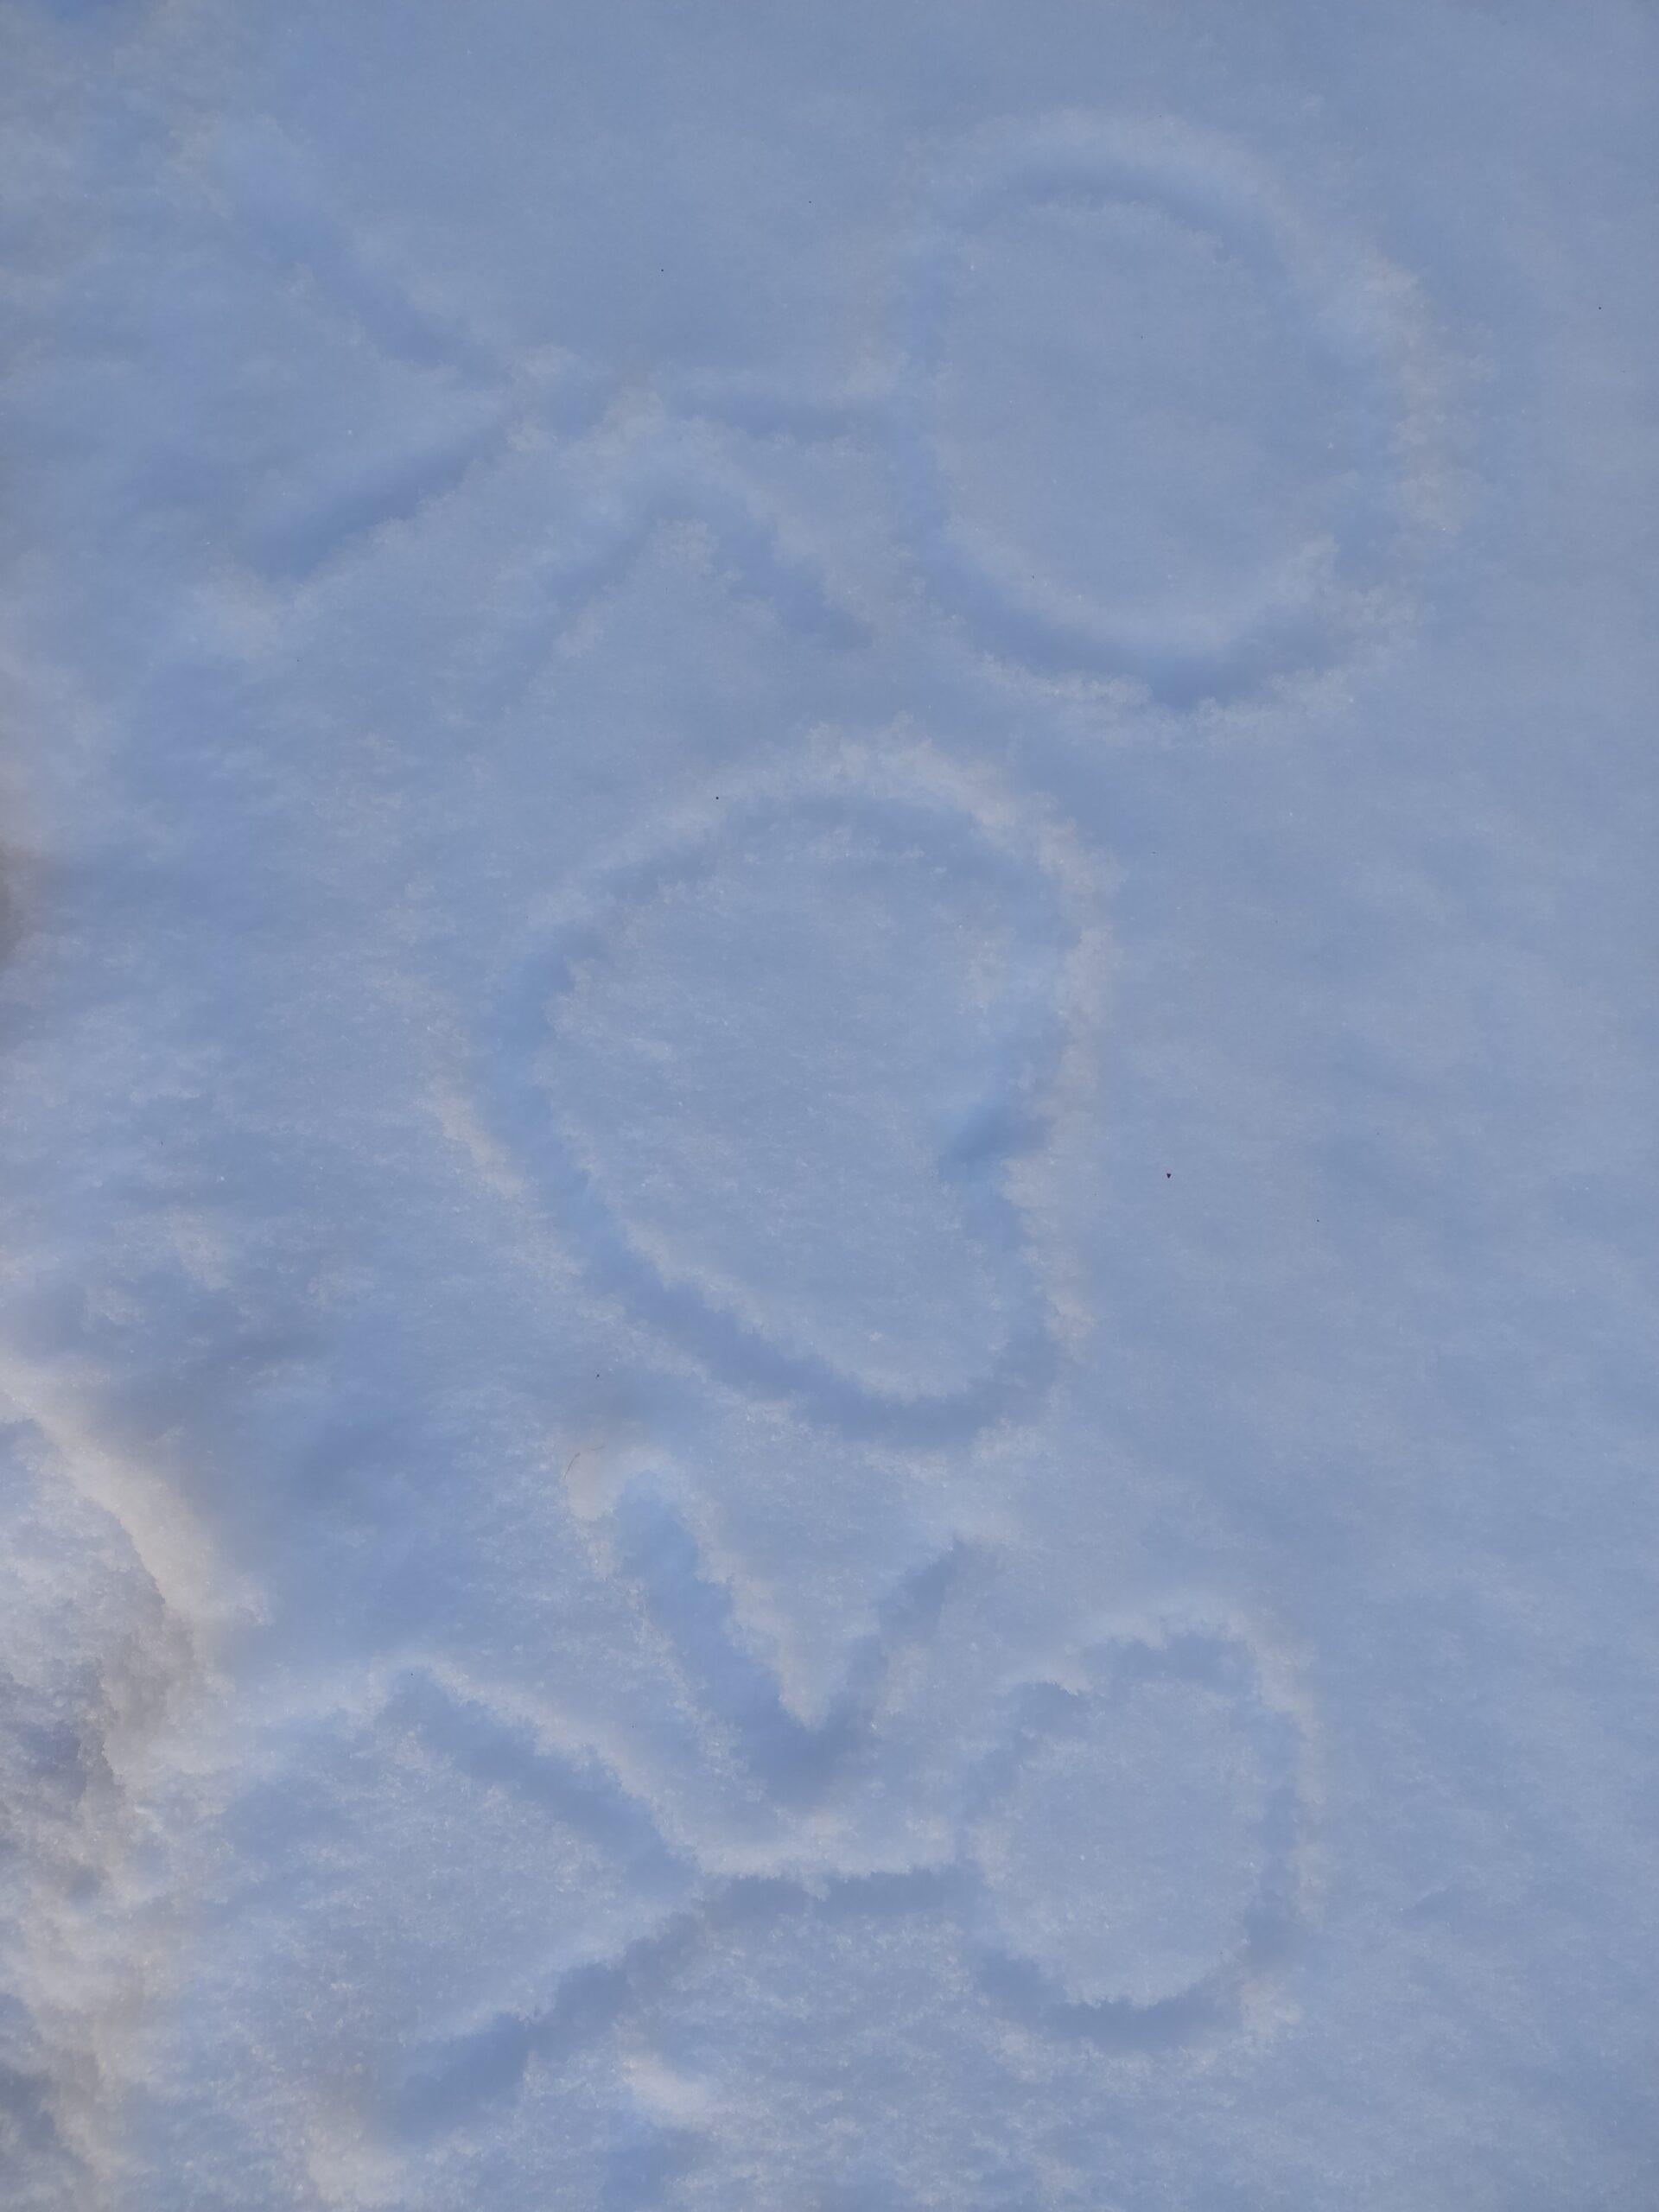 长了20年最大的雪,2020哈尔滨暴雪插图1